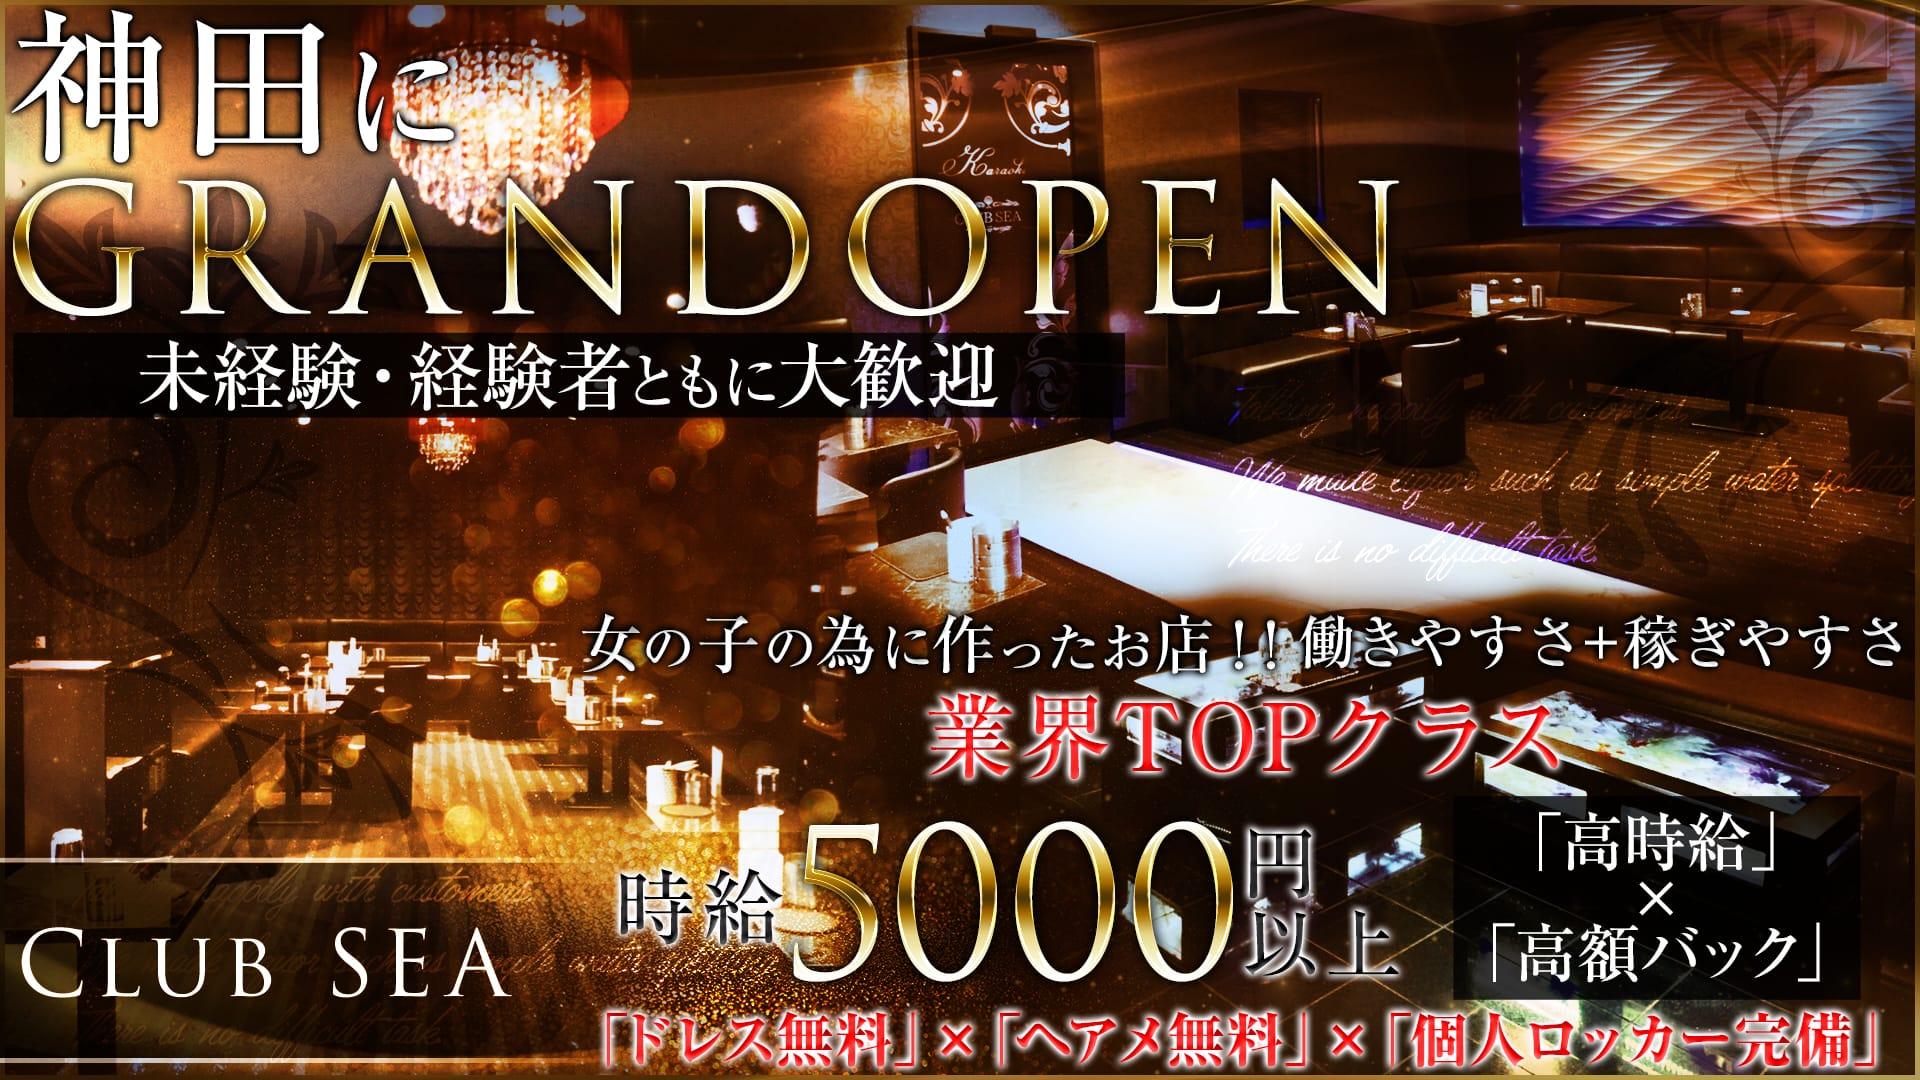 Club SEA(クラブシー) 神田キャバクラ TOP画像